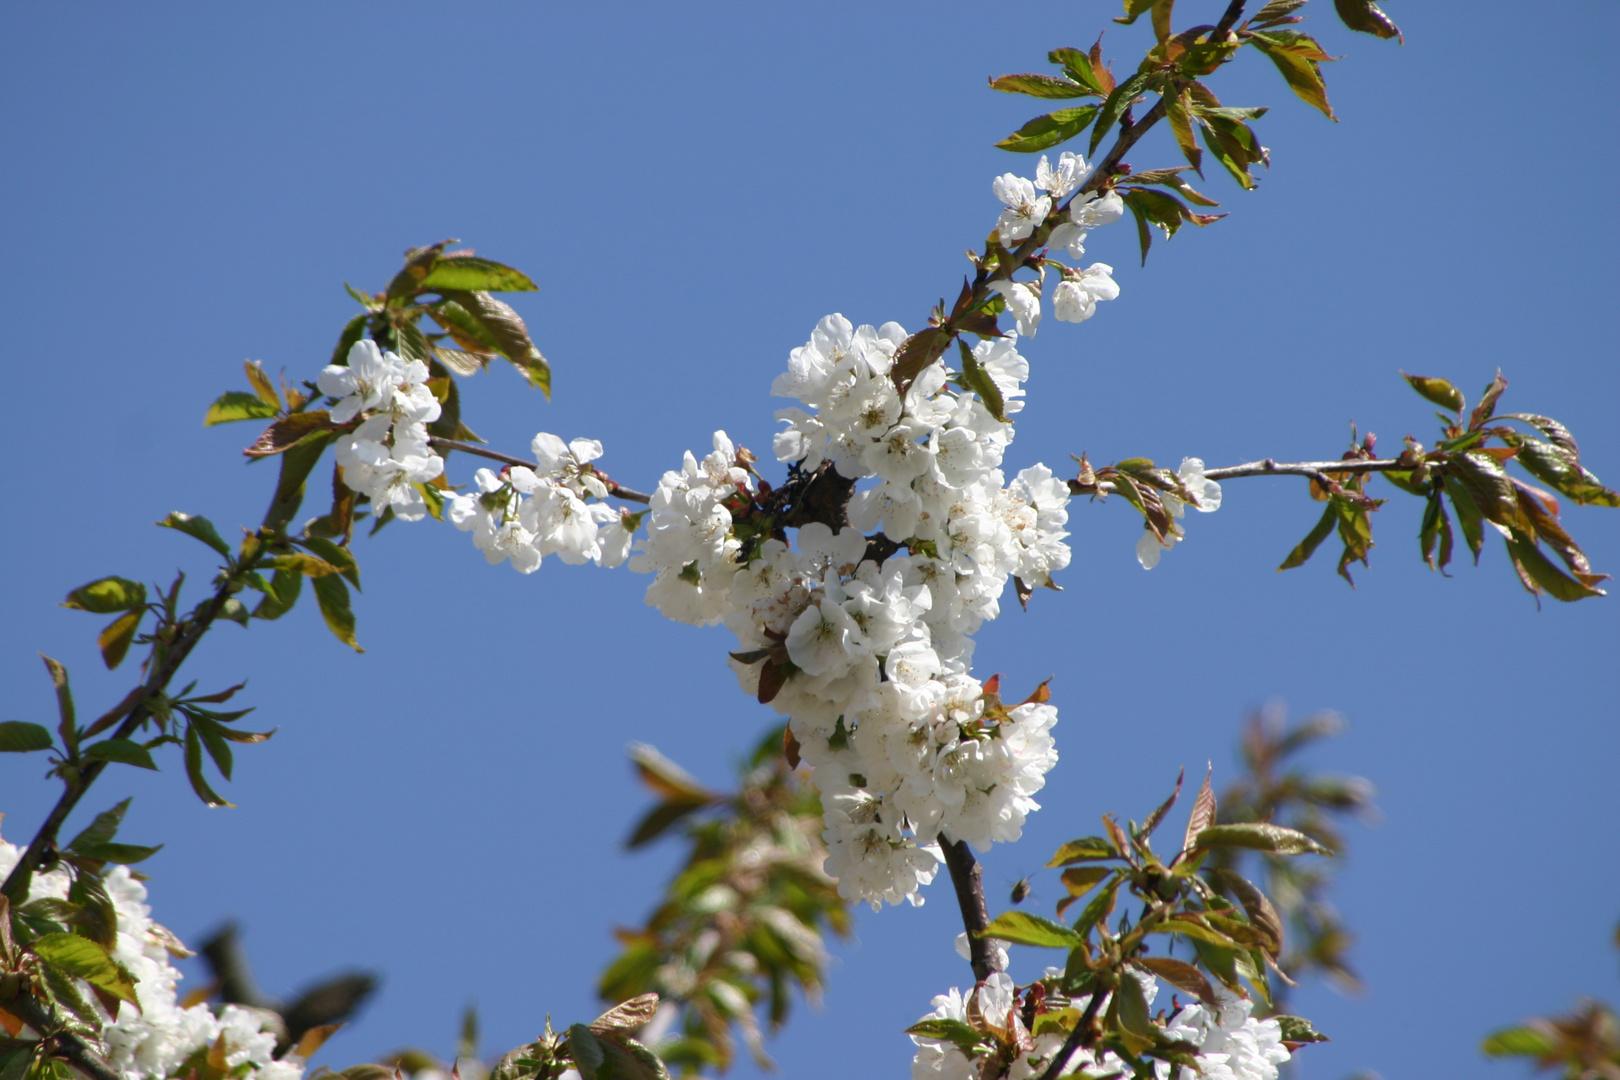 Kirschblüten im strahlend blauen Himmel